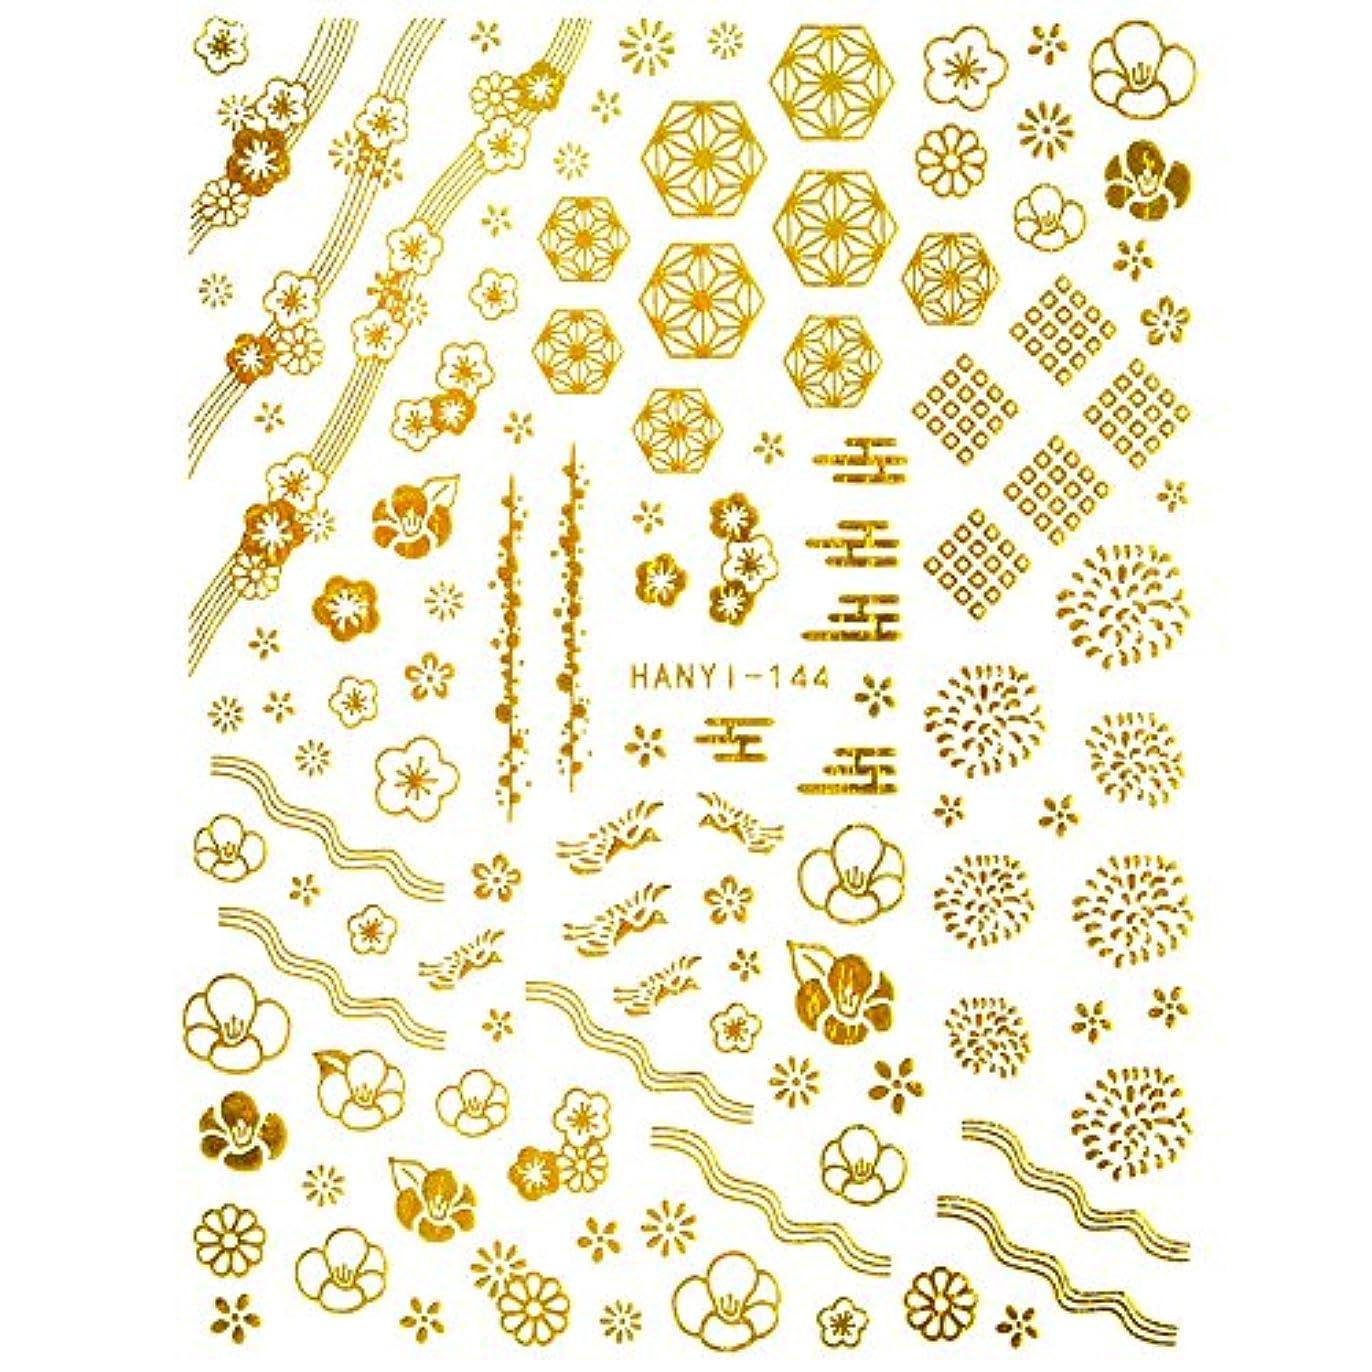 目的目を覚ますメニュー【HANYI-144】金和花 ネイルシール 箔和柄 和柄 フラワー 花 金箔 お正月 成人式 和風